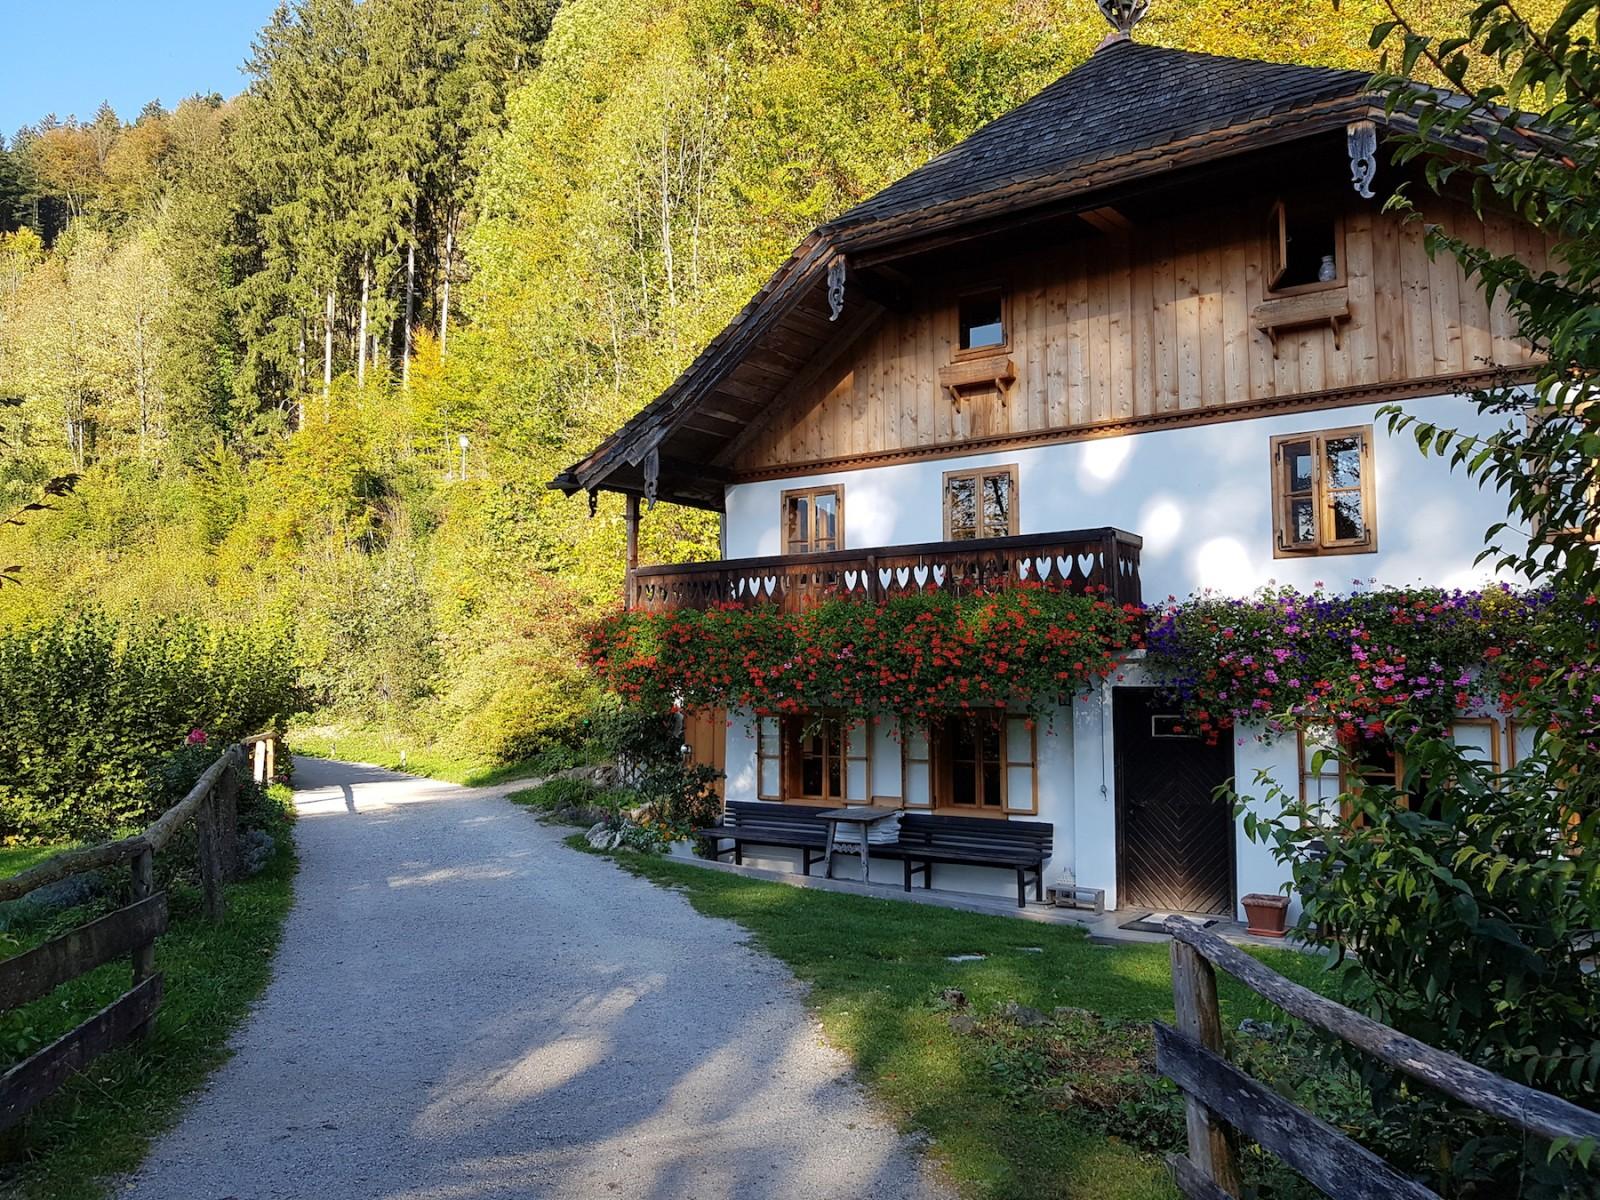 Historische Häuser entlang des Weges laden zum Stehenbleiben und Staunen ein.